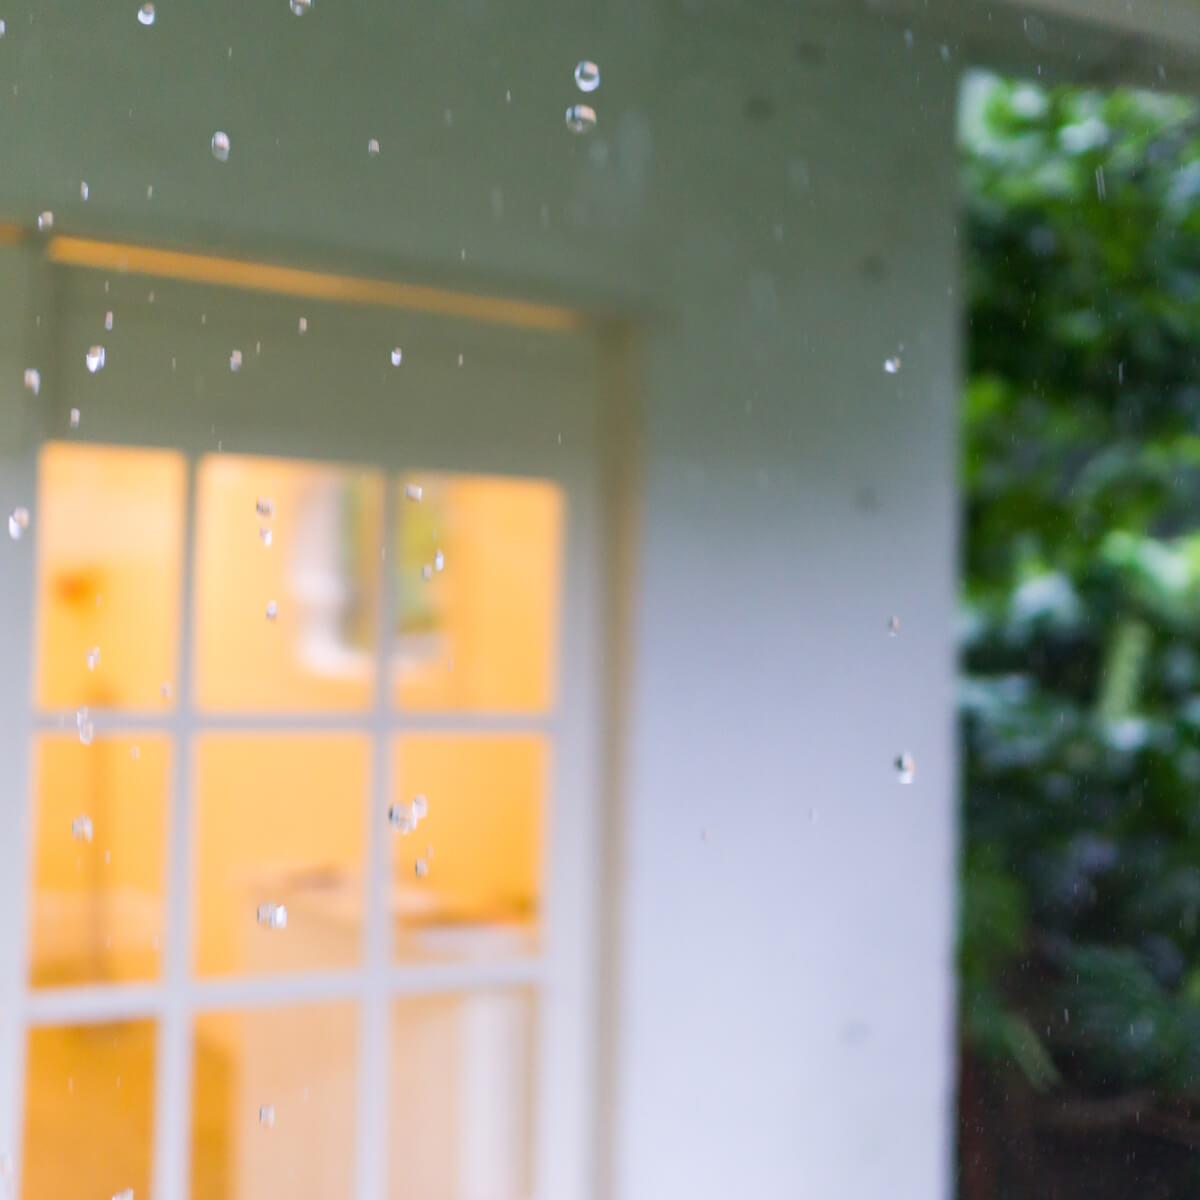 屋久島しずくギャラリー 雨のしずく 屋久島雨とジュエリー オーダーメイドジュエリーの販売